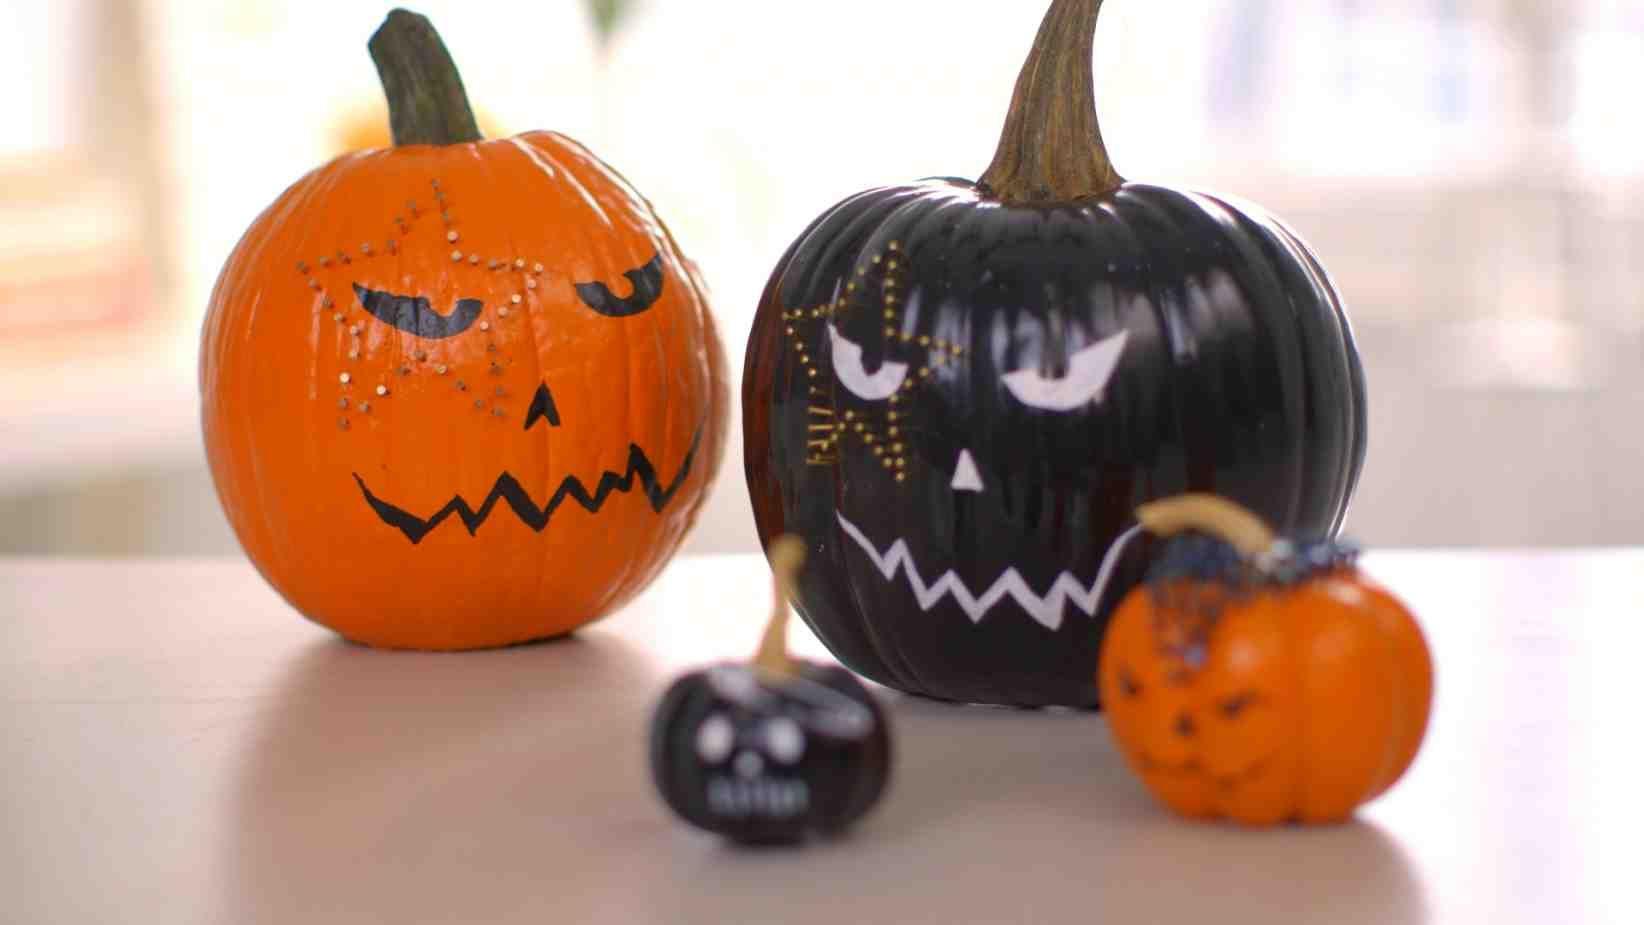 Punk Rock Inspired Pumpkins Con Imagenes Halloween Dia De Los